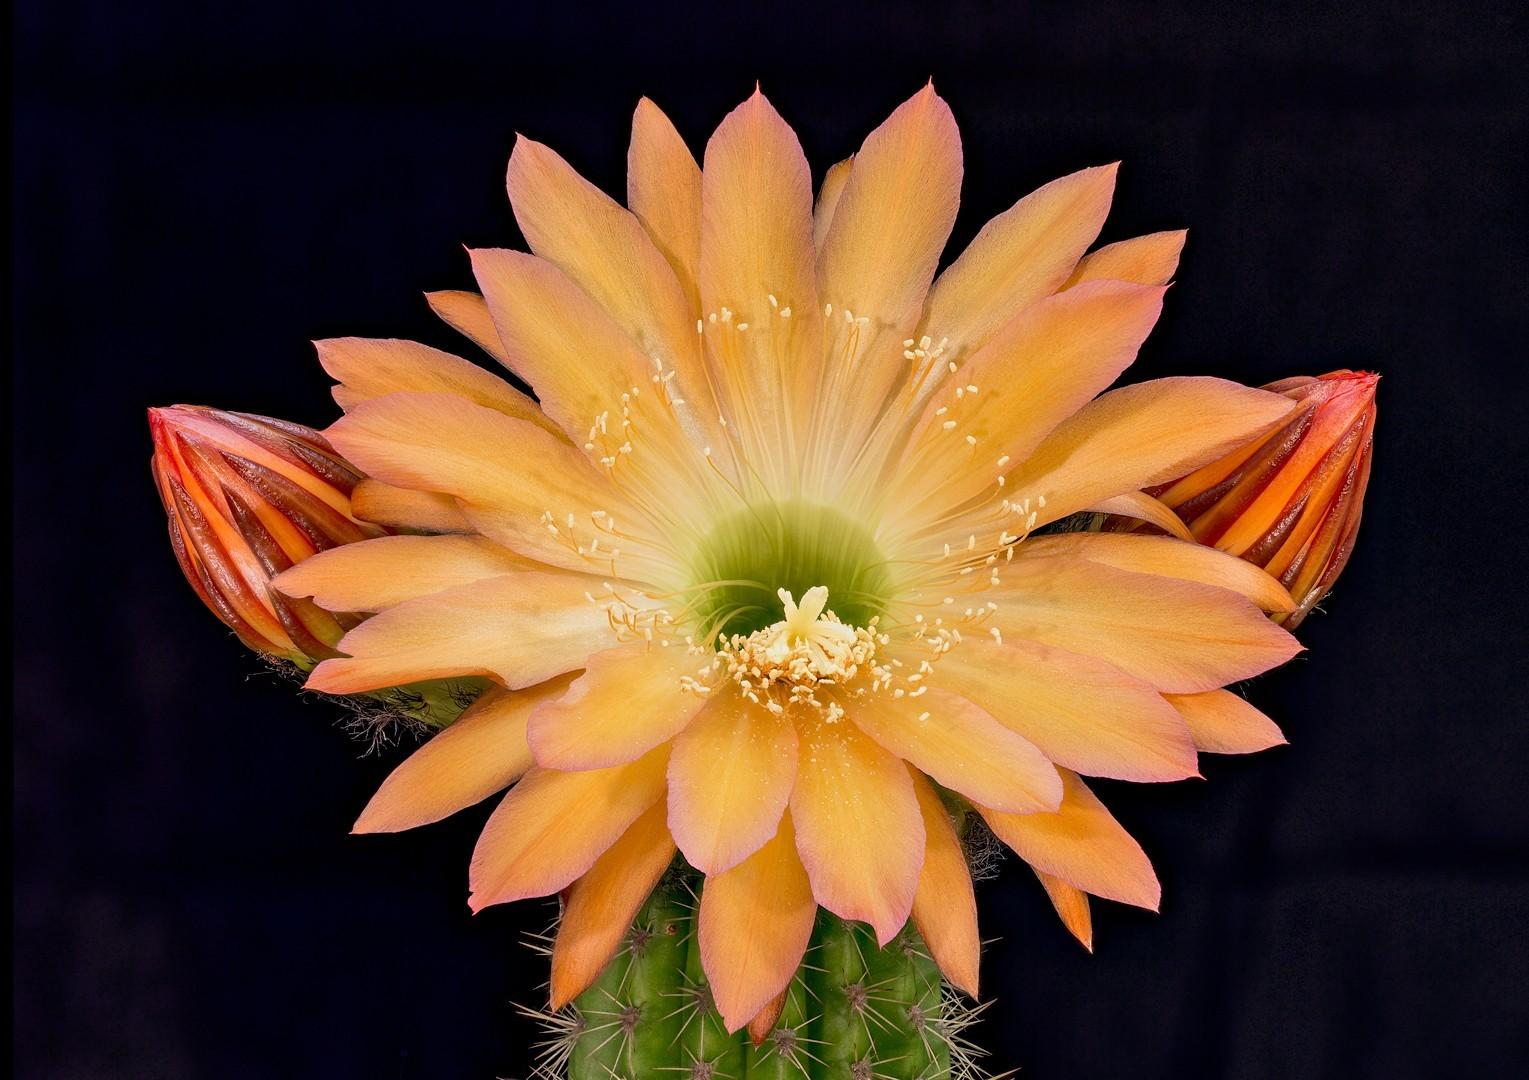 记录仙人掌开花全过程